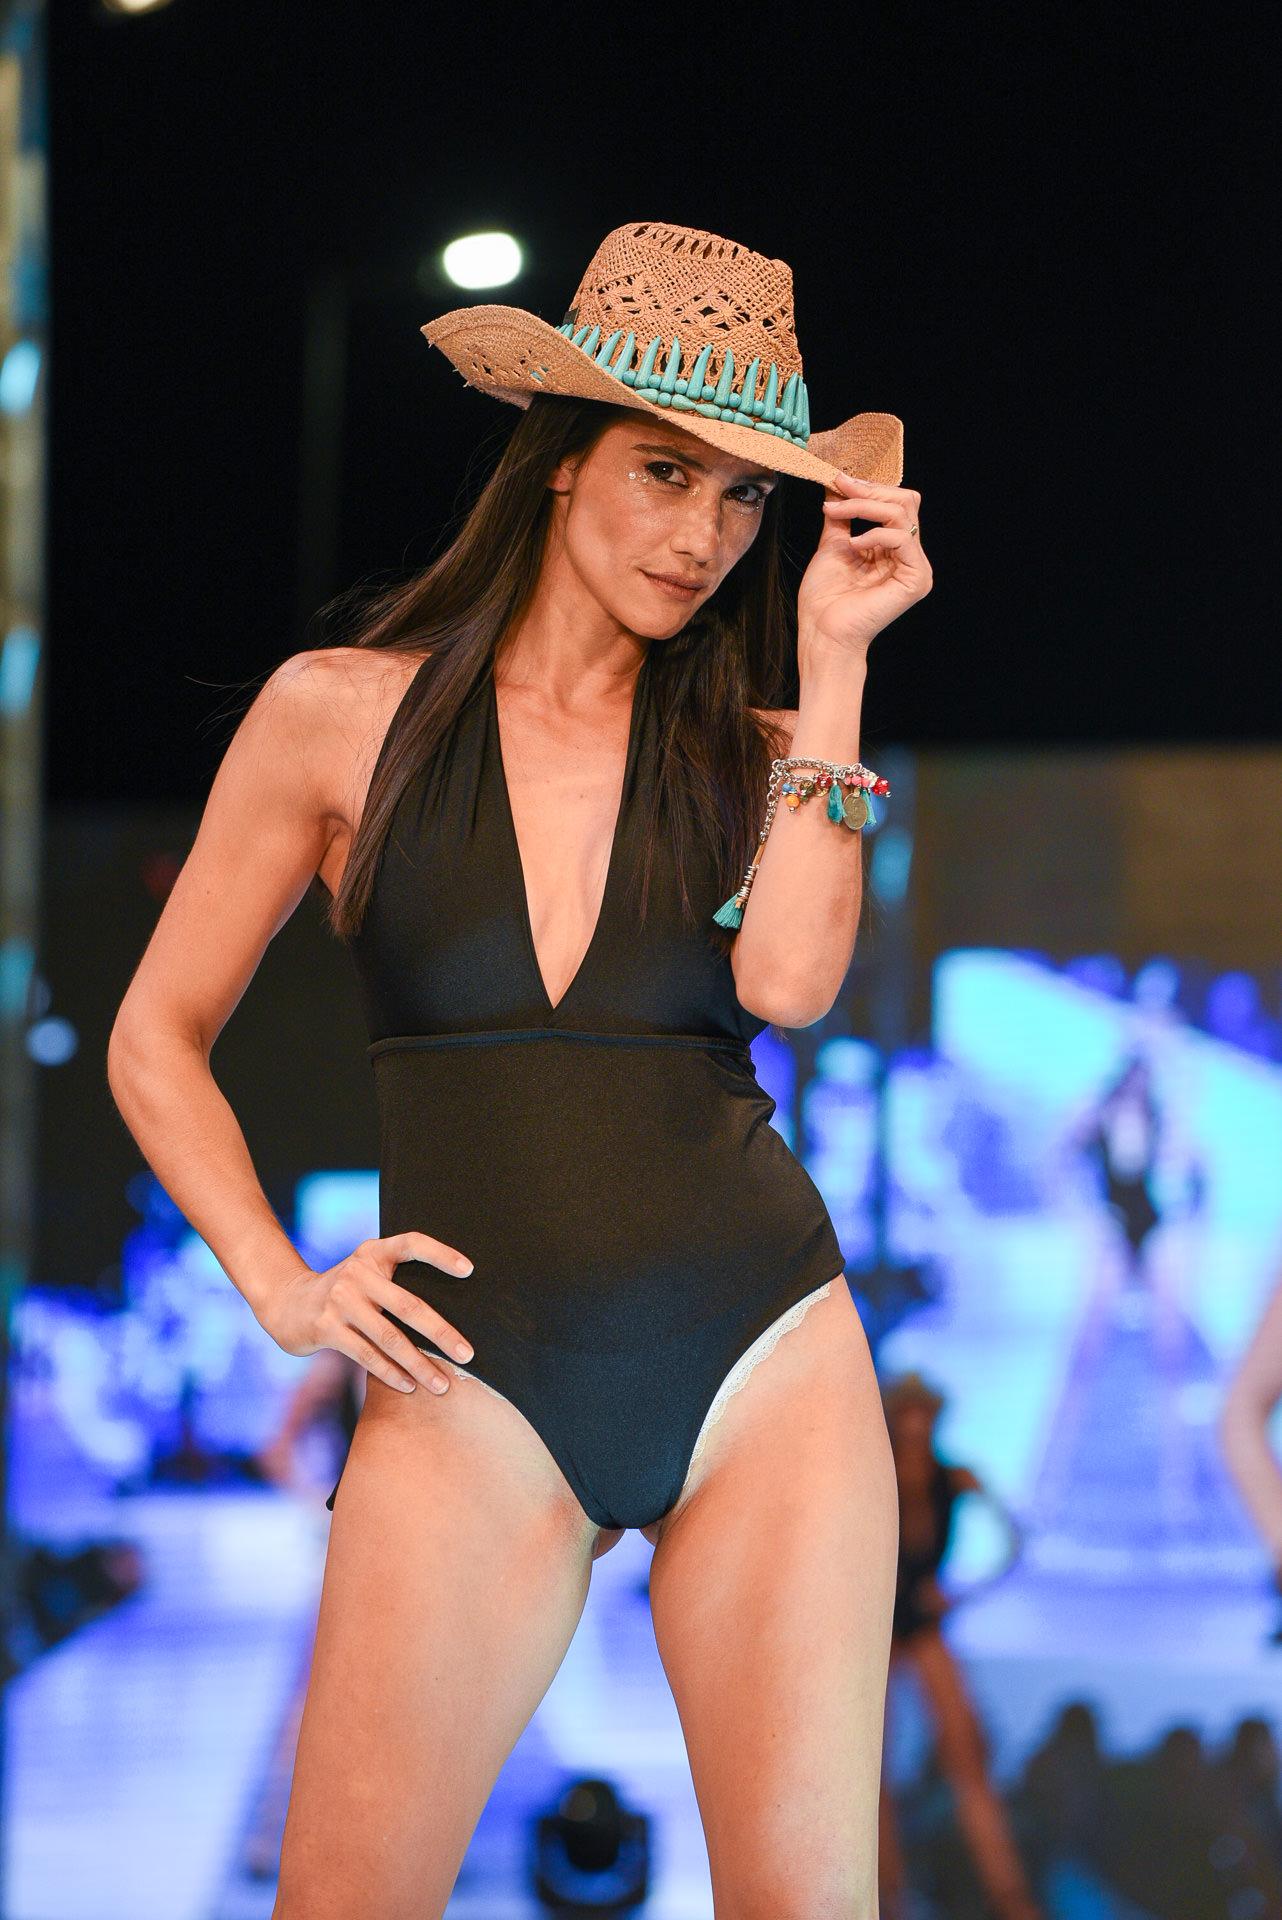 Los sombreros estilo cowboy pisaron fuerte en la pasarela del Pinamar Moda Look 2020. Los diseños by Bombay